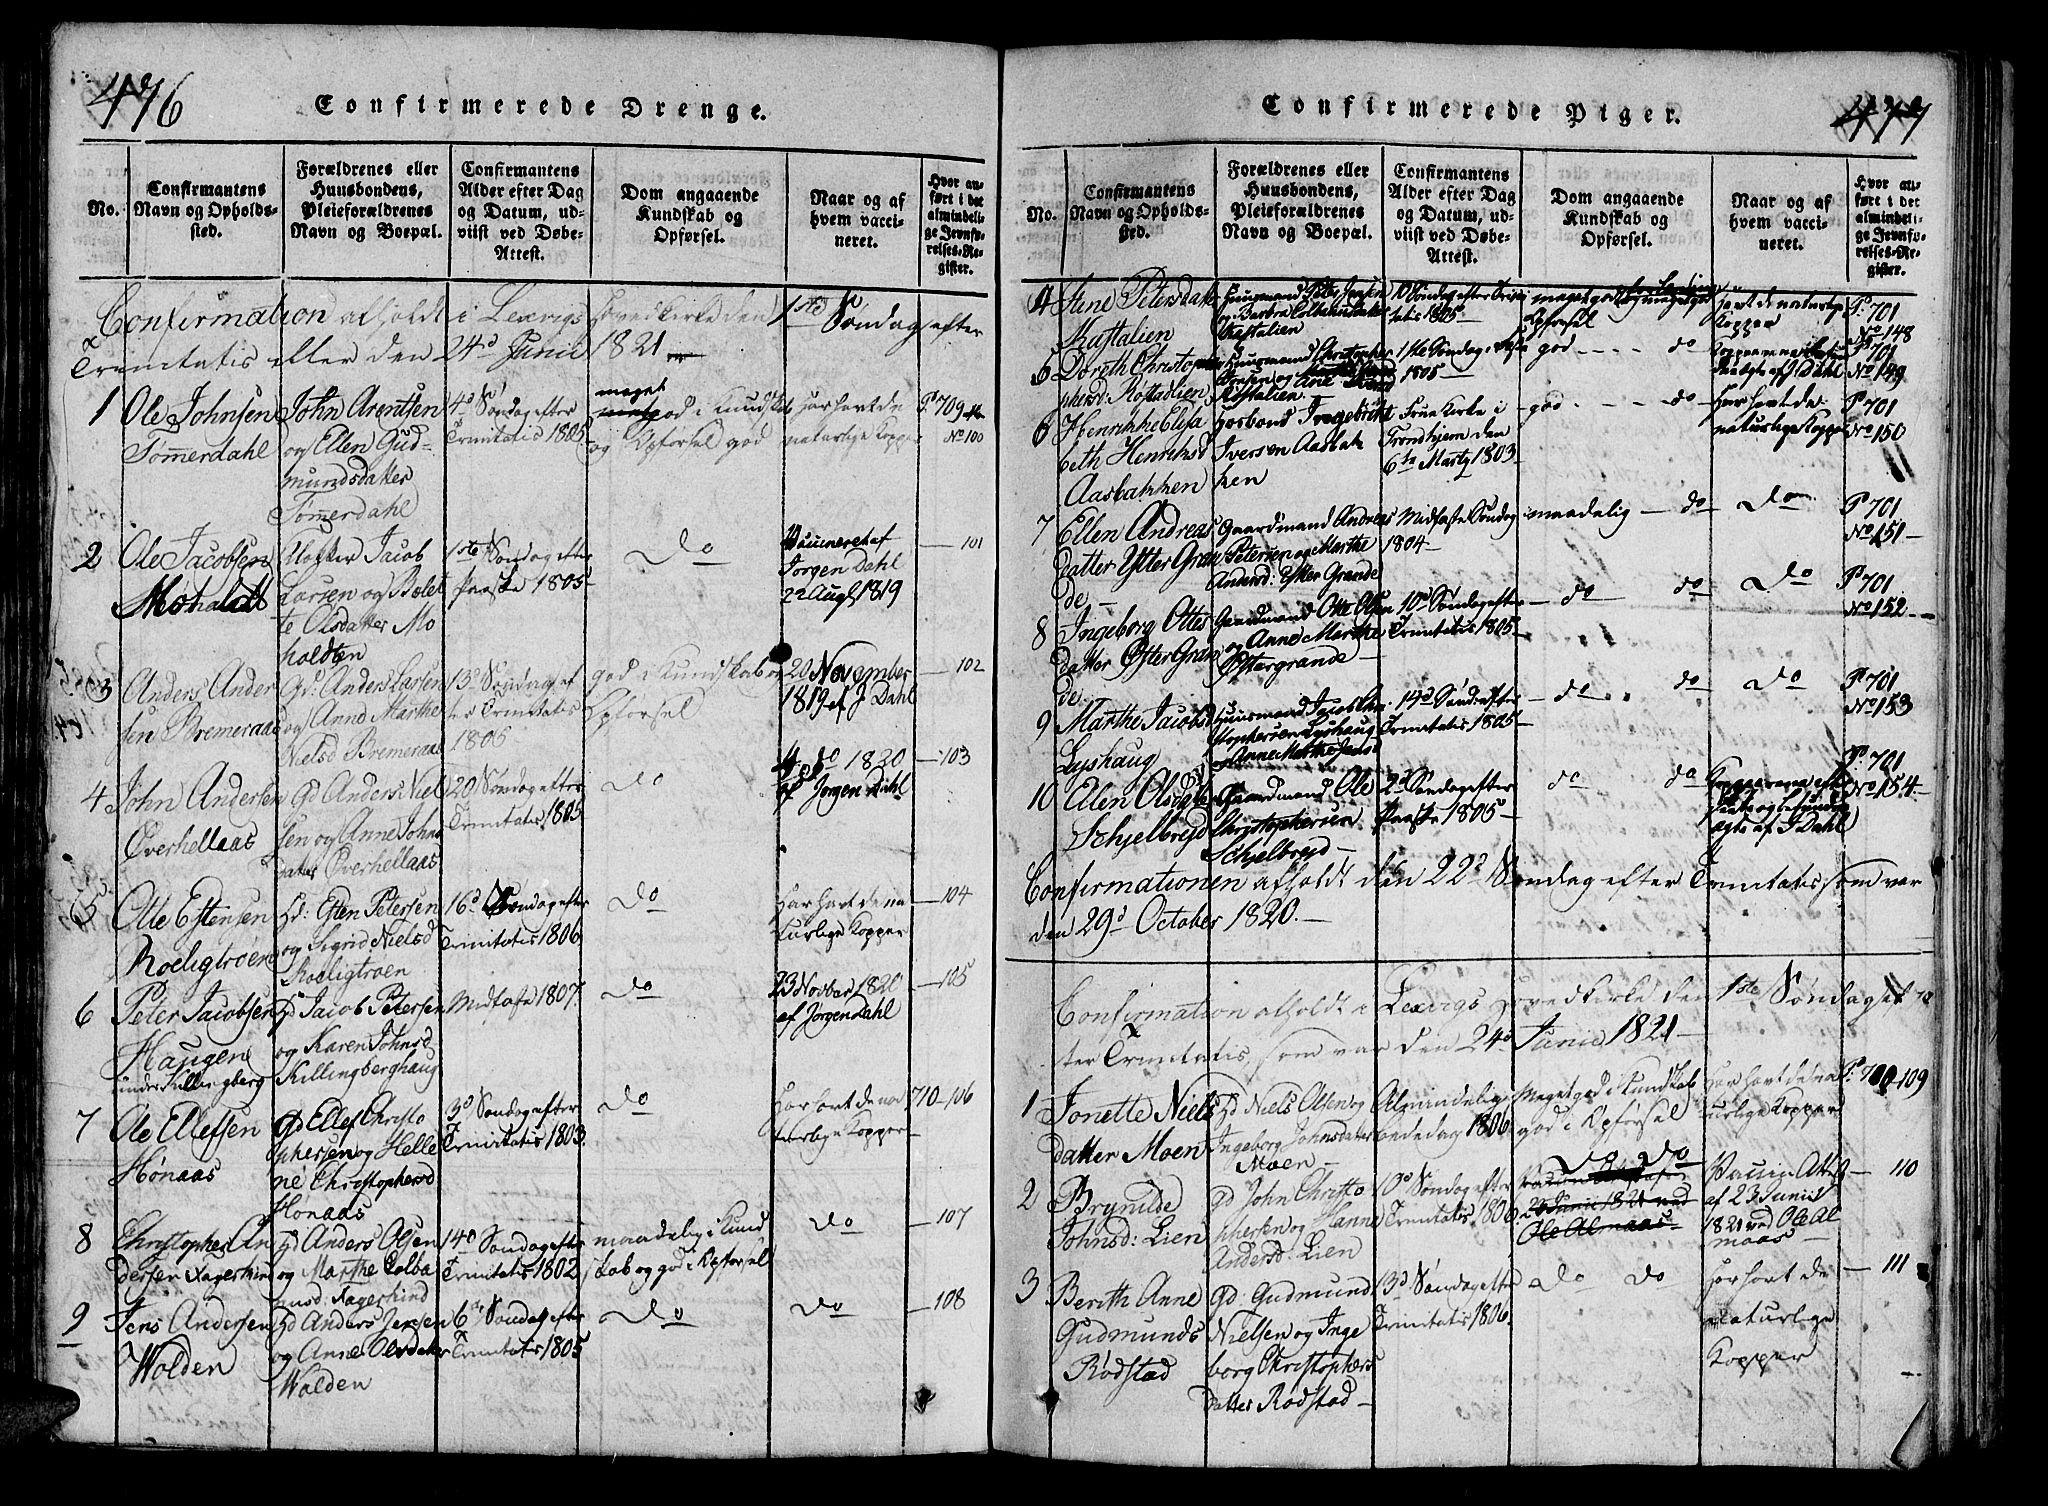 SAT, Ministerialprotokoller, klokkerbøker og fødselsregistre - Nord-Trøndelag, 701/L0005: Ministerialbok nr. 701A05 /1, 1816-1825, s. 476-477